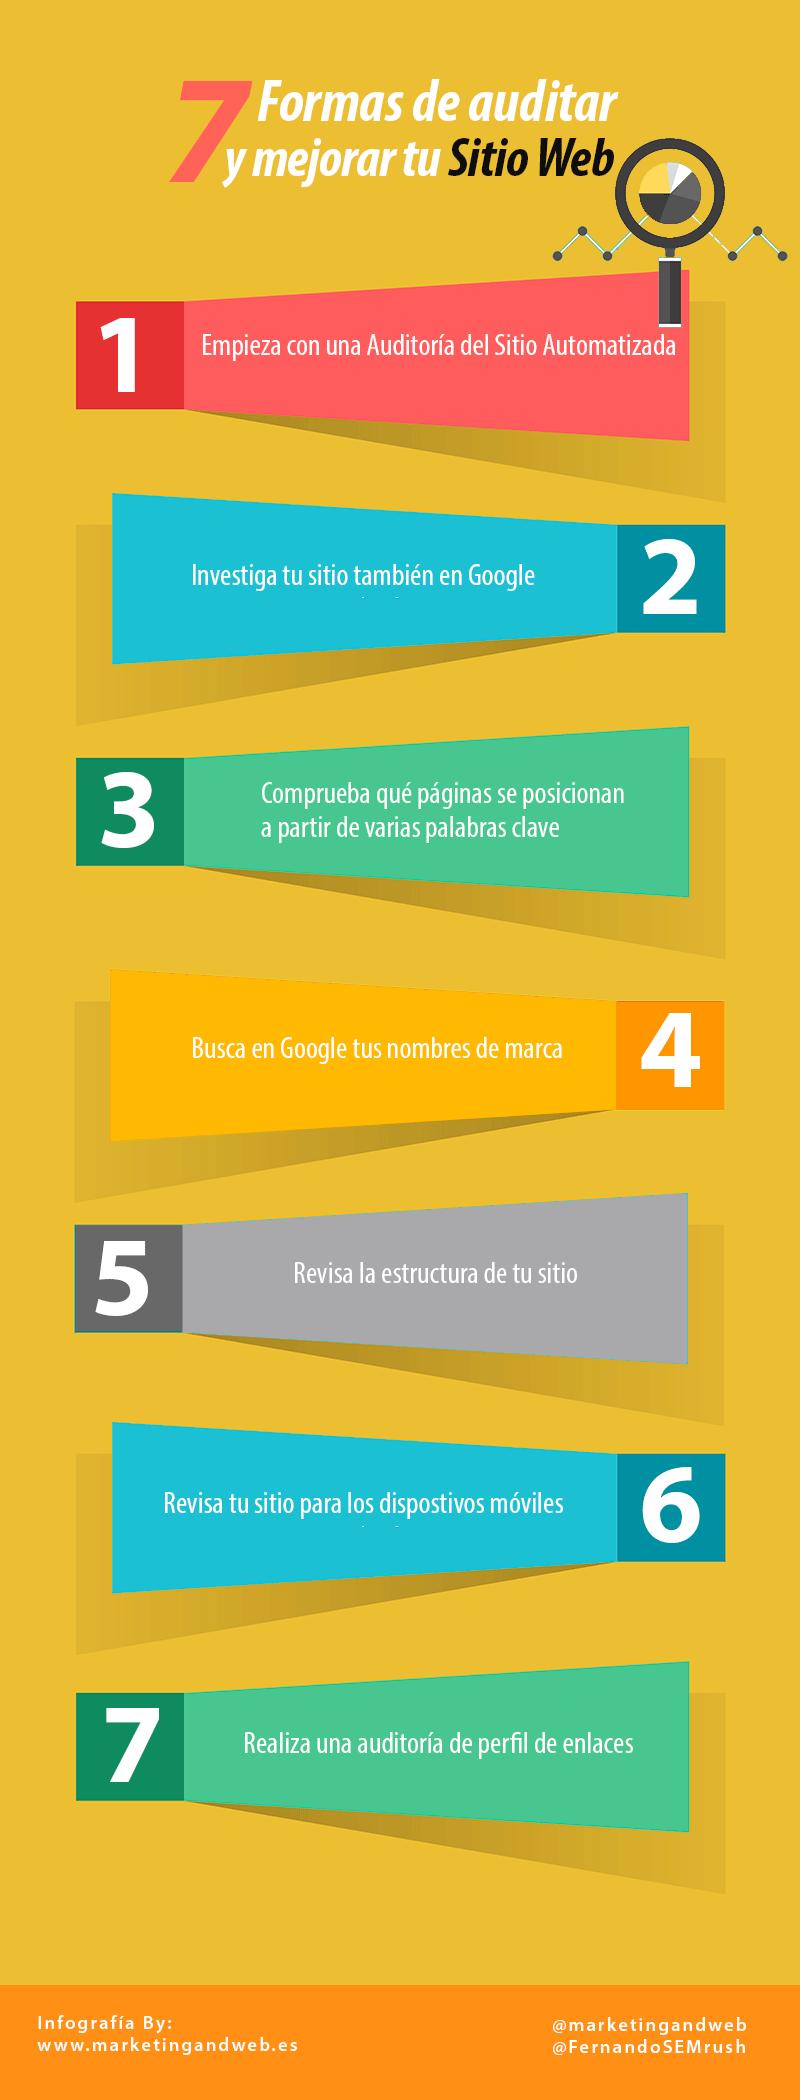 infografía 7 formas de auditar y mejorar tu sitio web